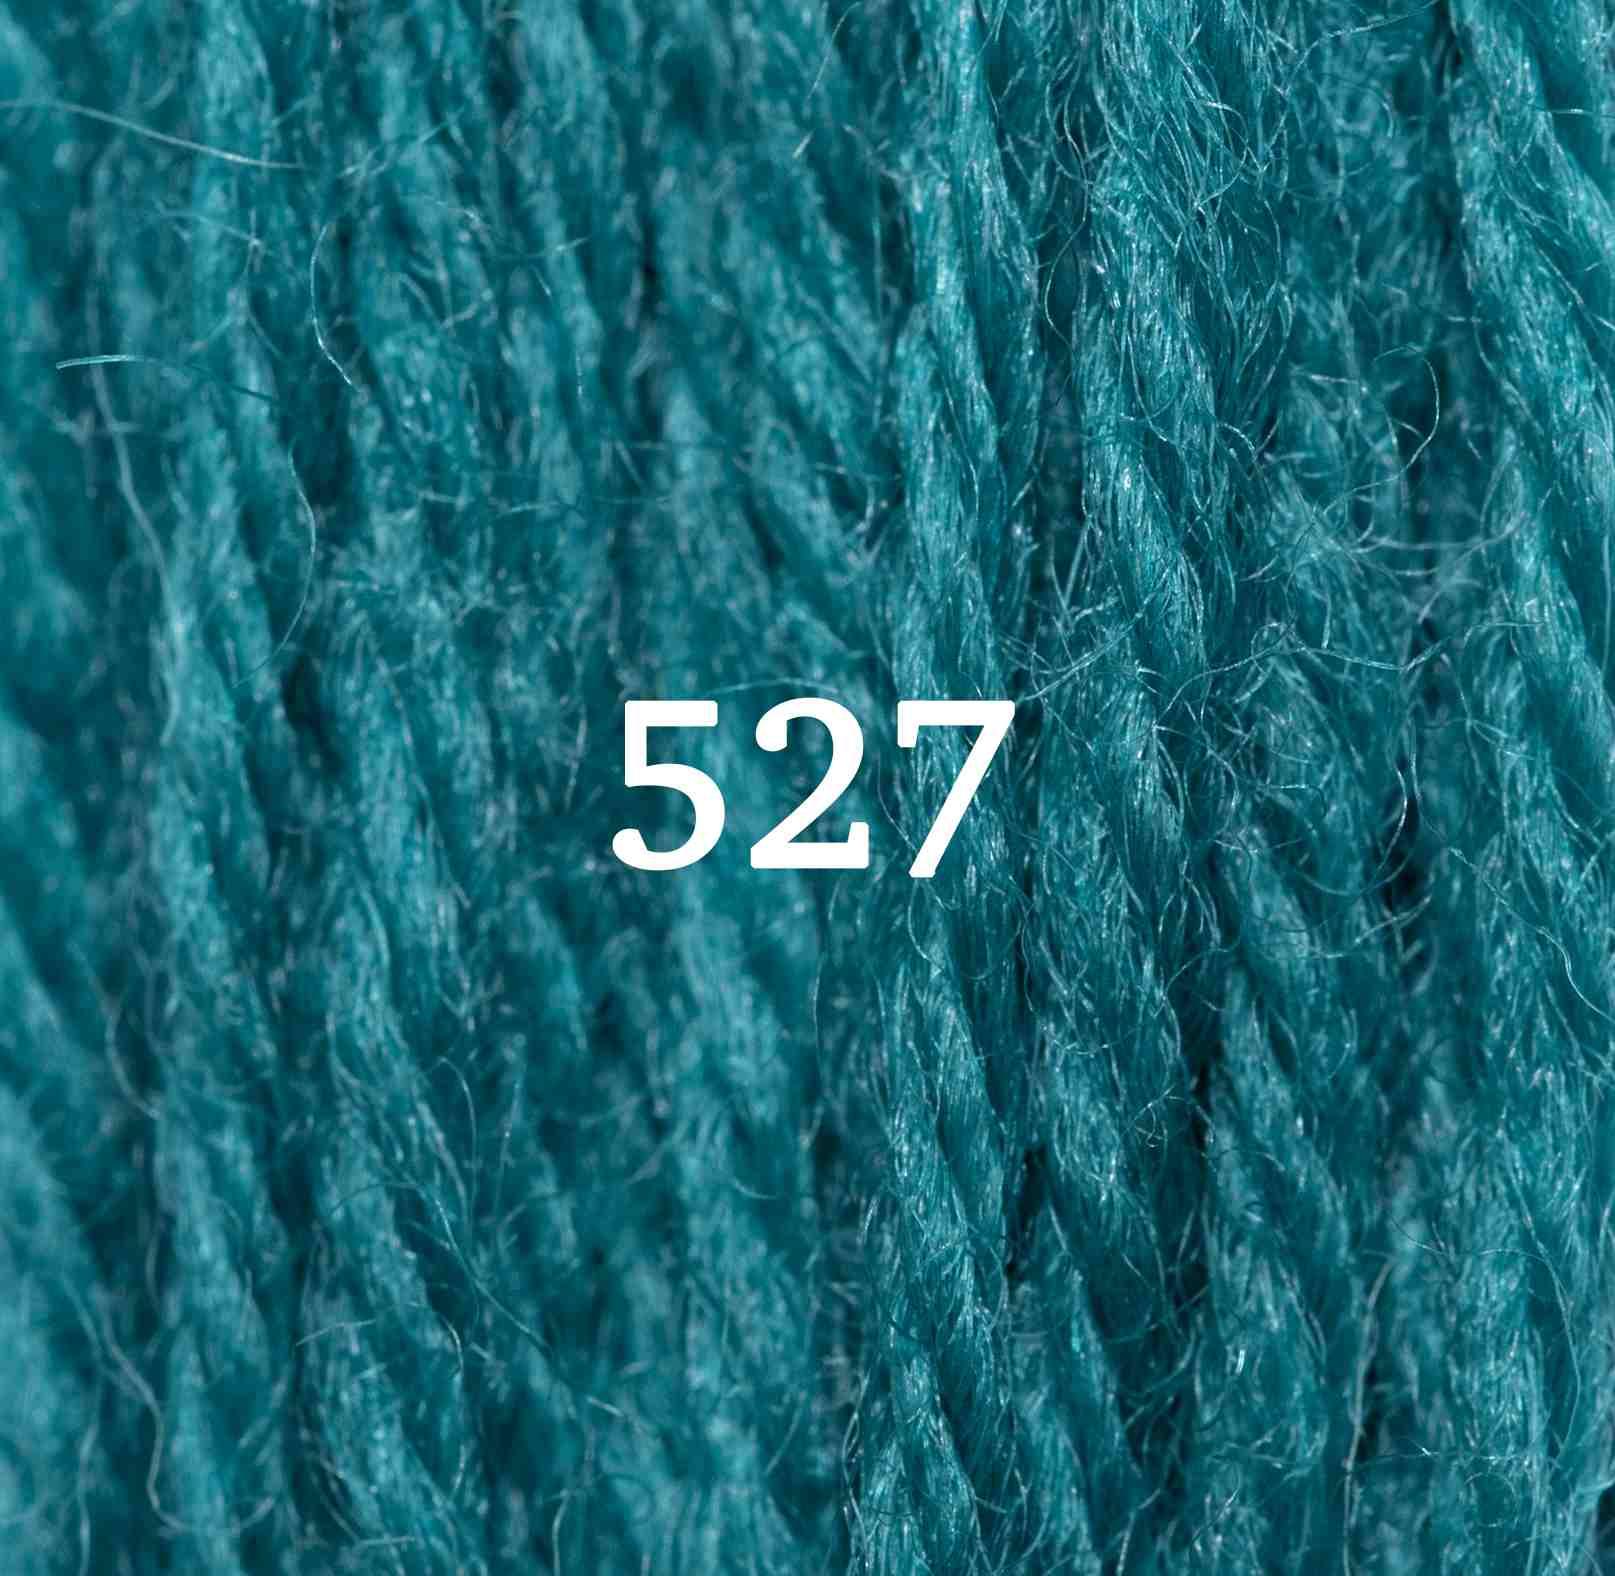 Turquoise-527